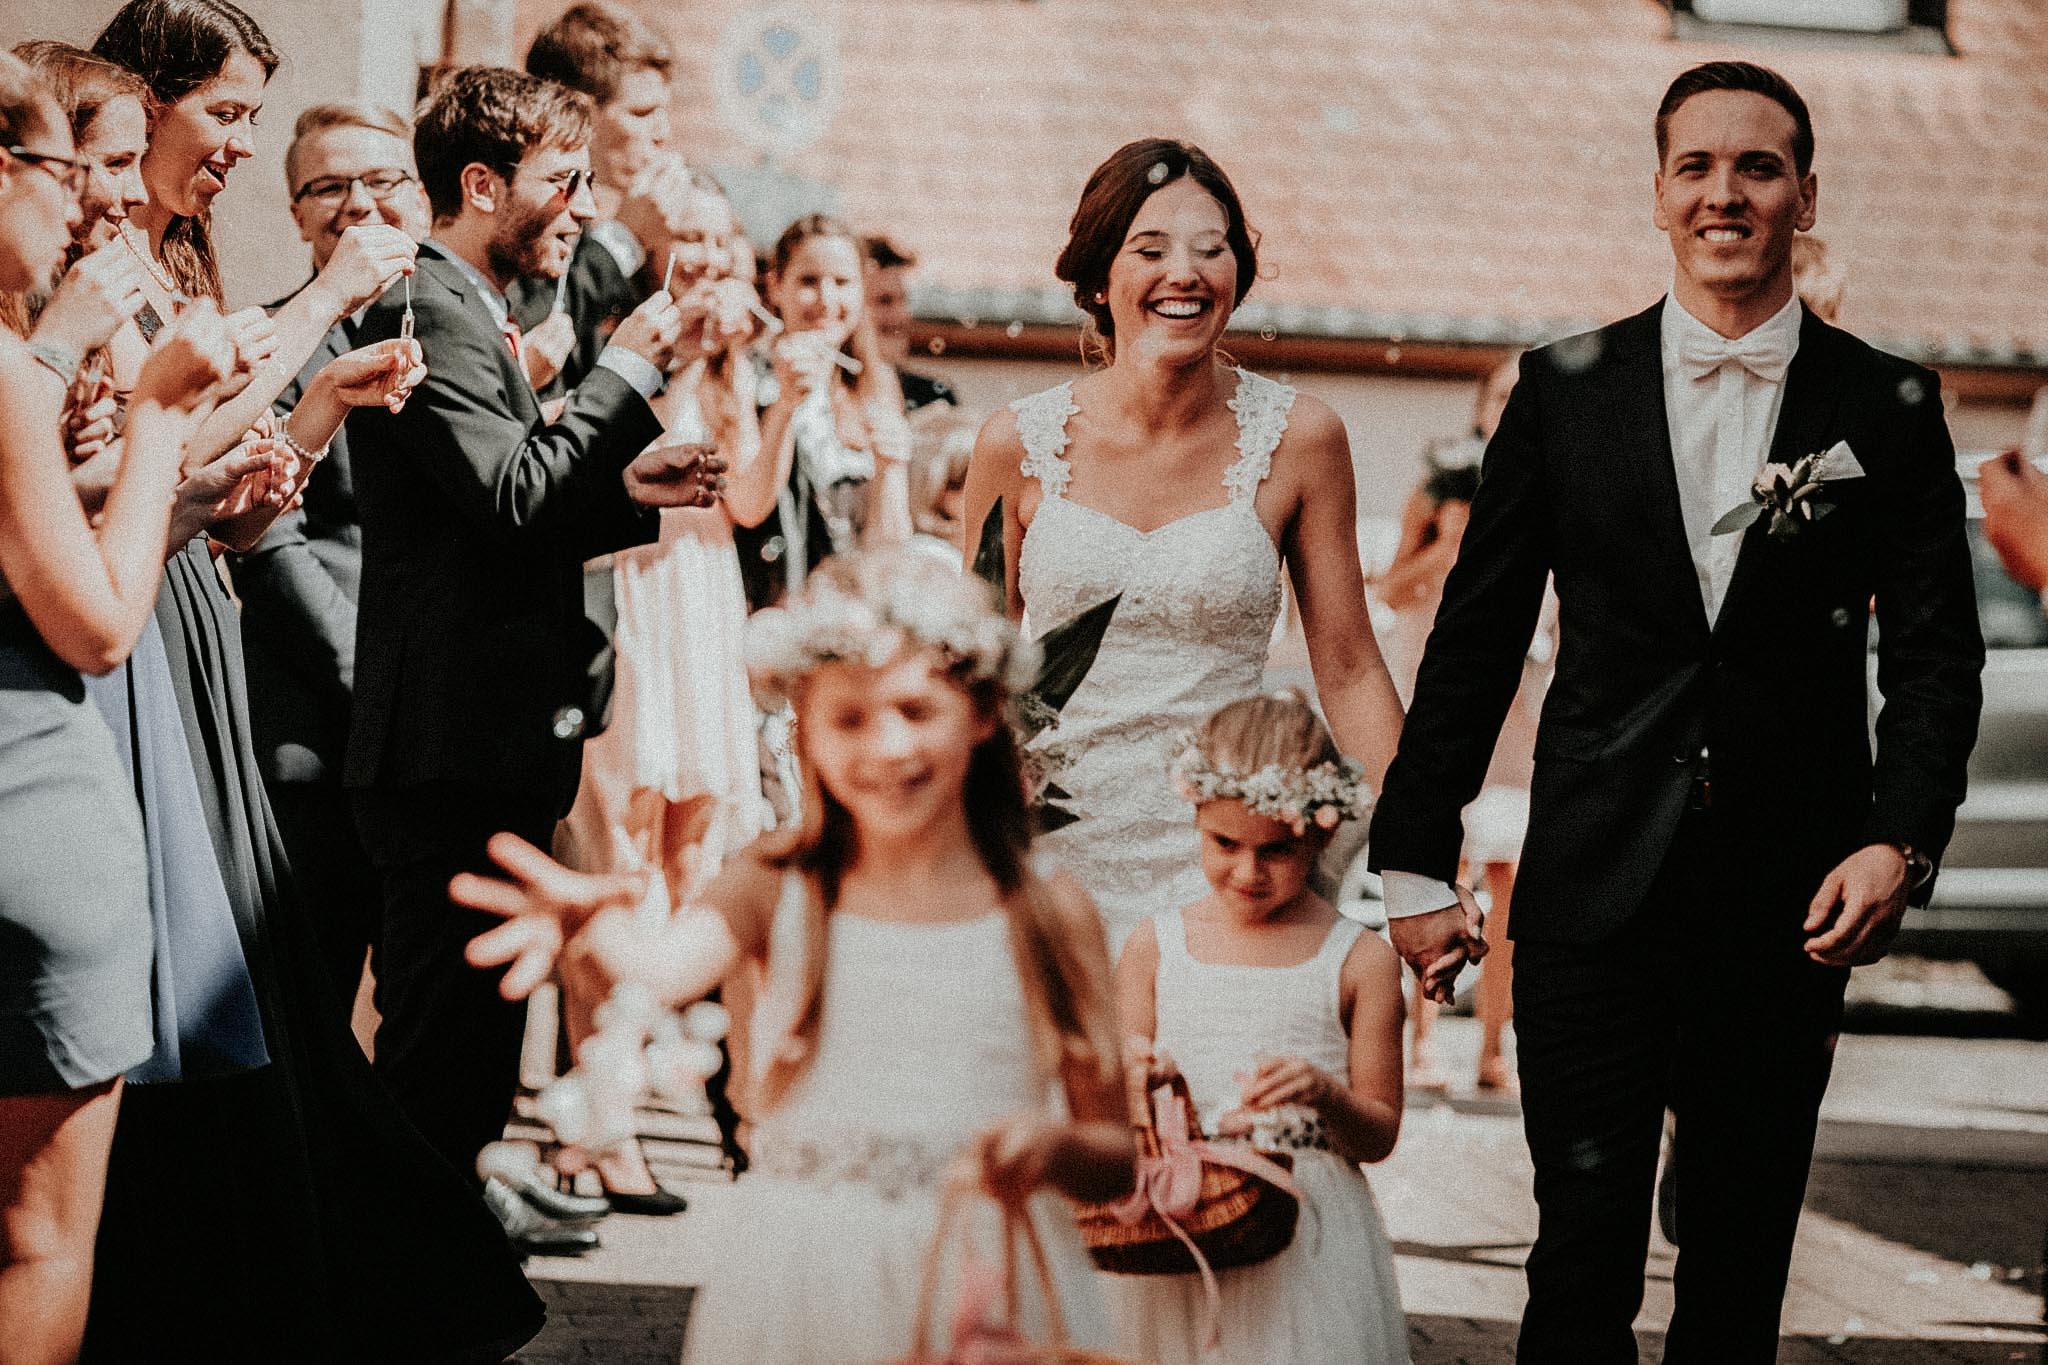 Lisa Philip Nürnberg Wendelstein Hochzeit Vintage-29.jpg